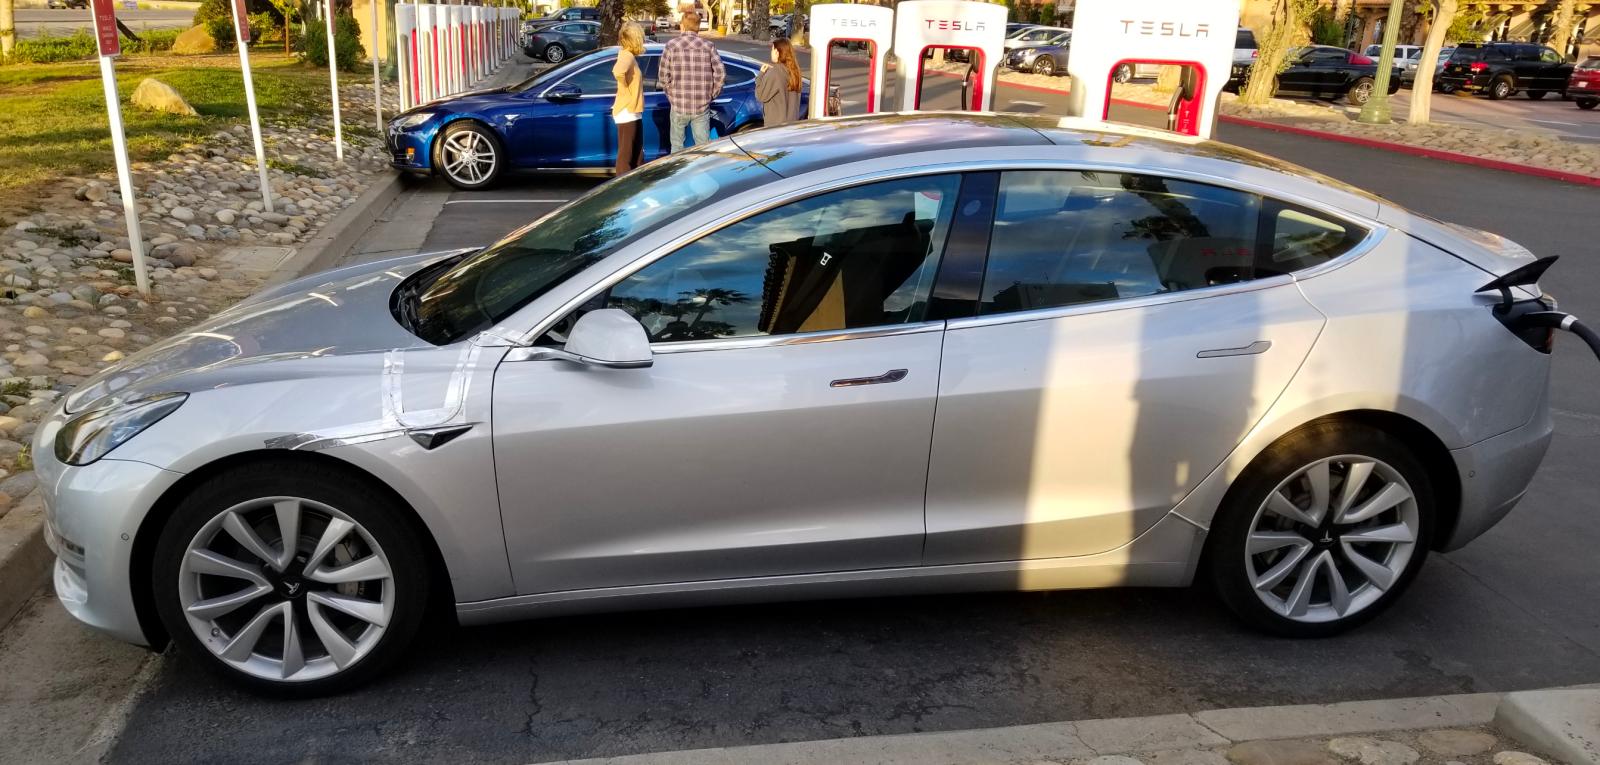 Tesla Model 3: best look so far as Tesla tries to hide steering wheel and screen